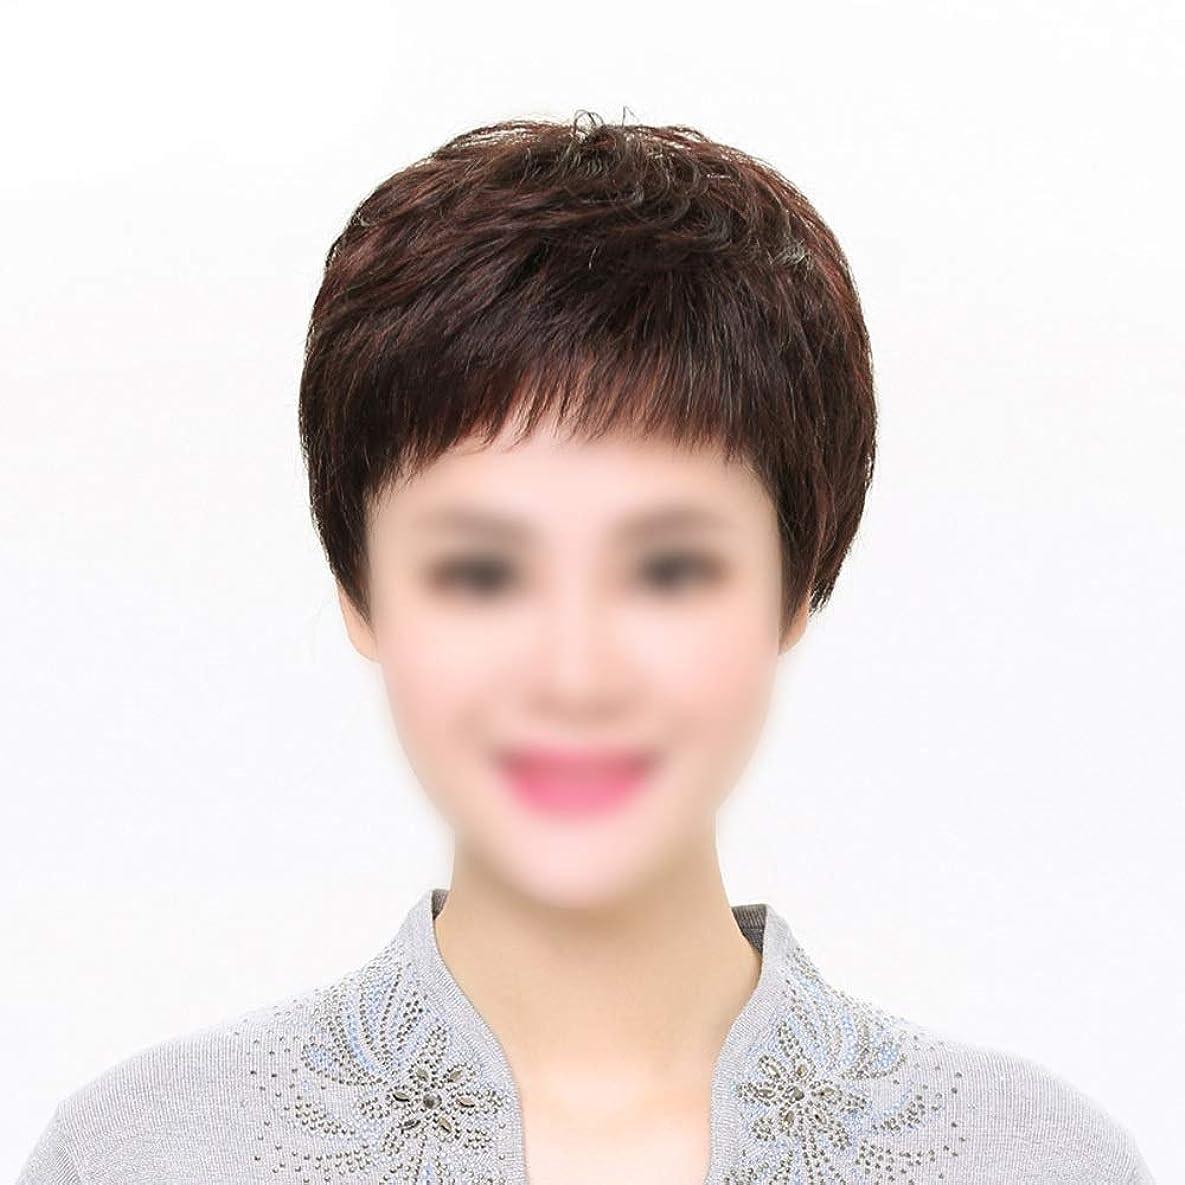 パッド描くパプアニューギニアHOHYLLYA 100%本物の人間の髪の毛の自由な部分短い前髪付きかつら人間の髪の毛のかつら女性のファッションのかつら (色 : Dark brown, Edition : Mechanism)